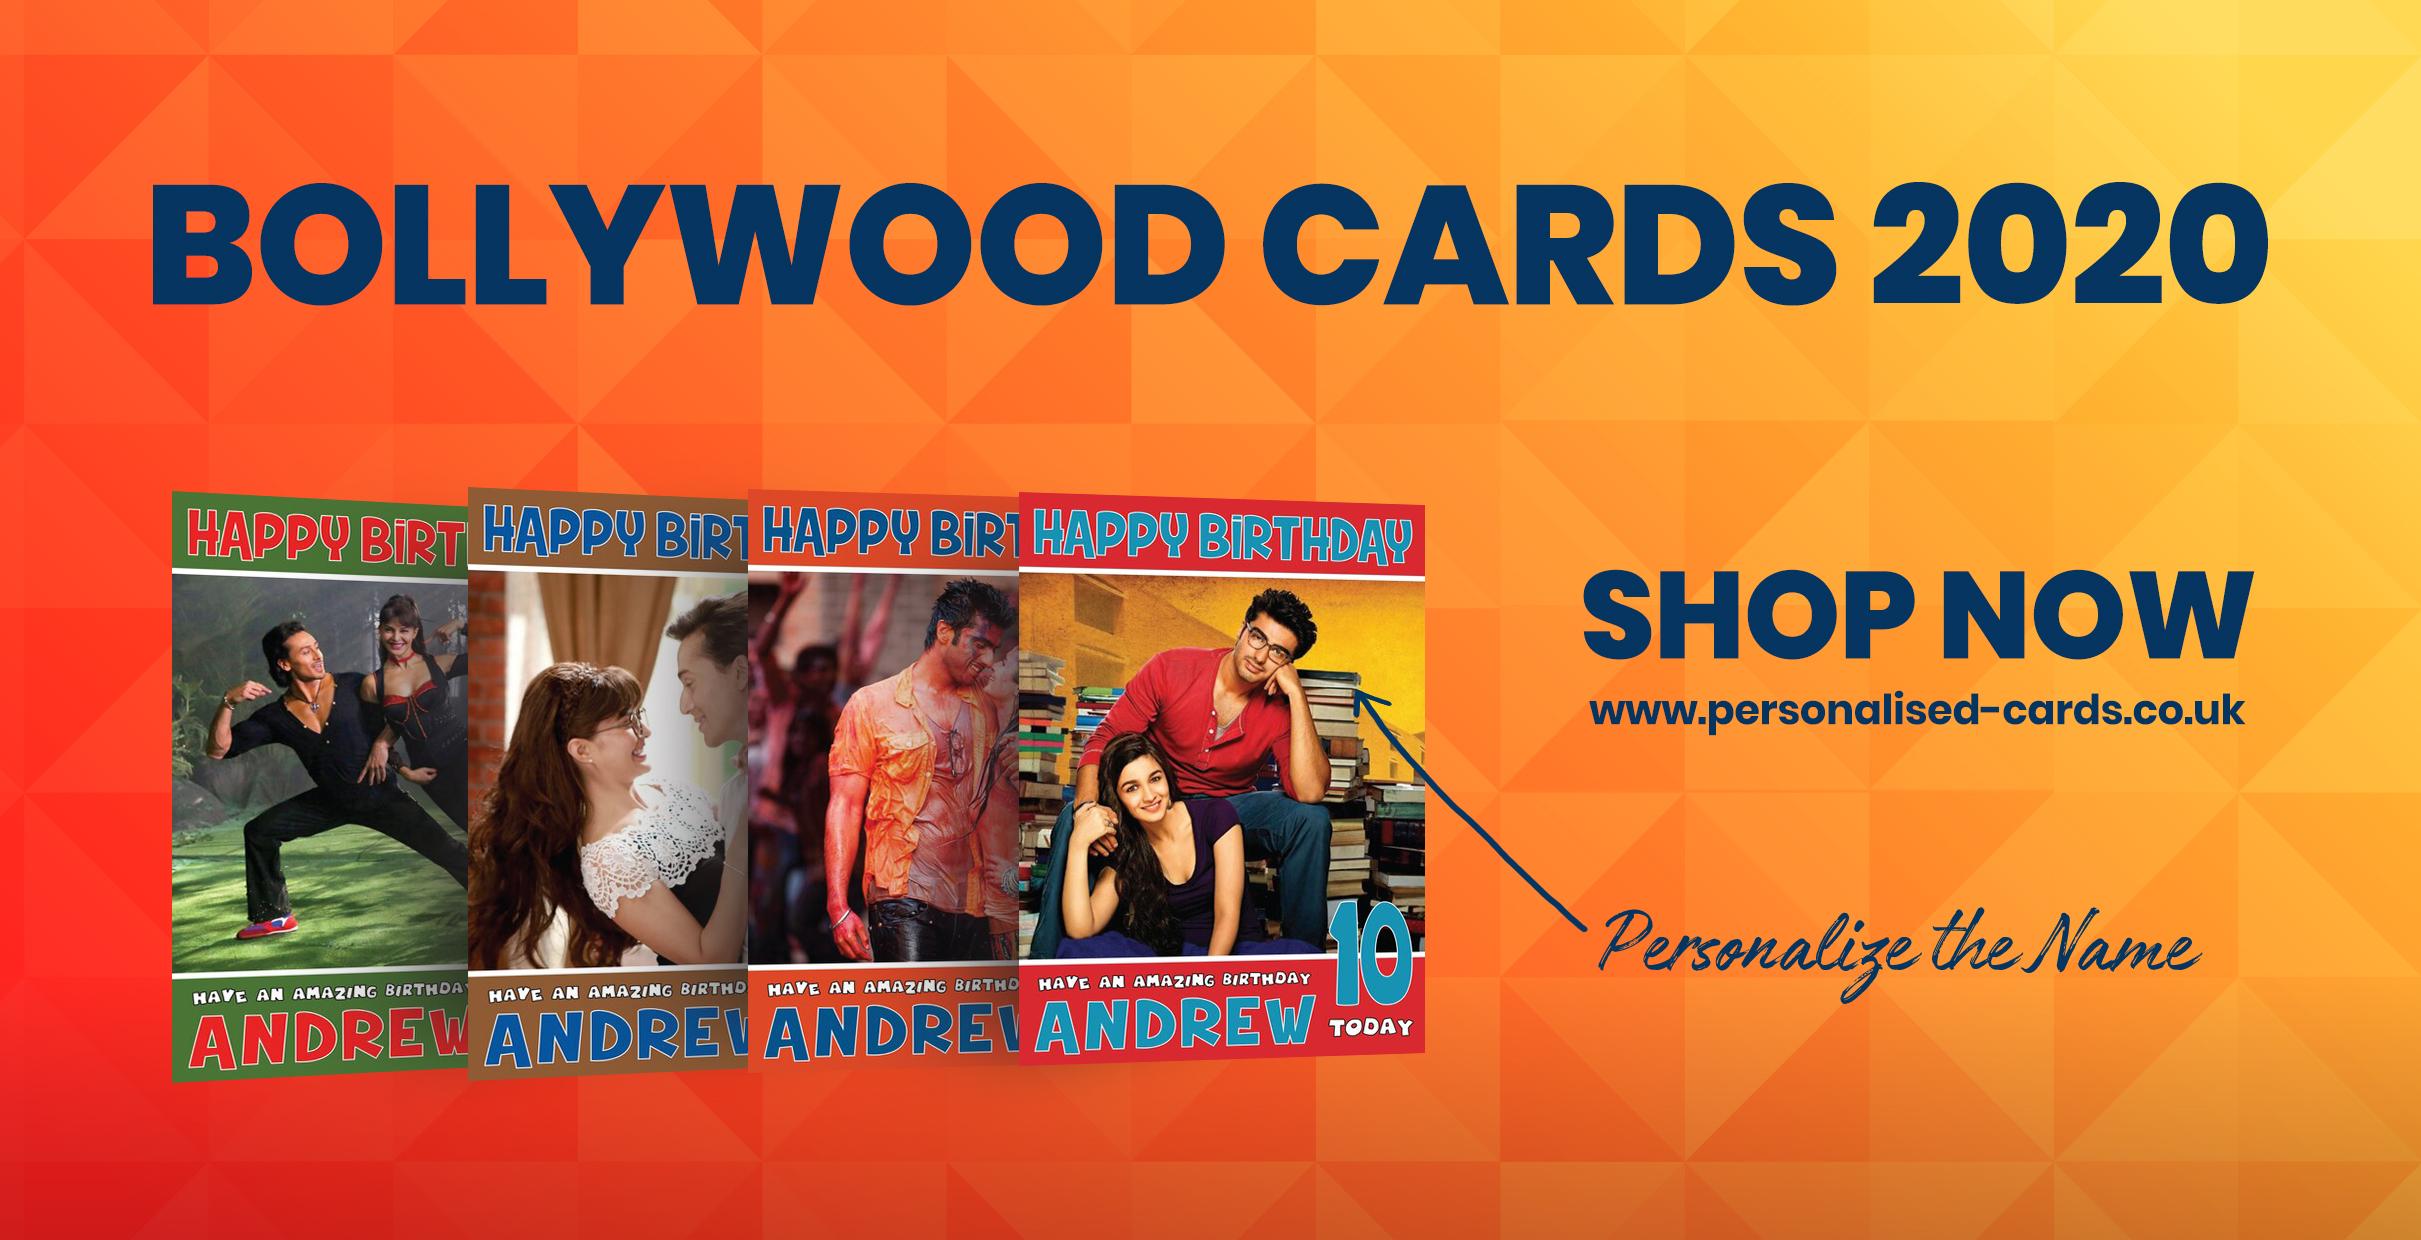 bollywood-cards-2020.jpg